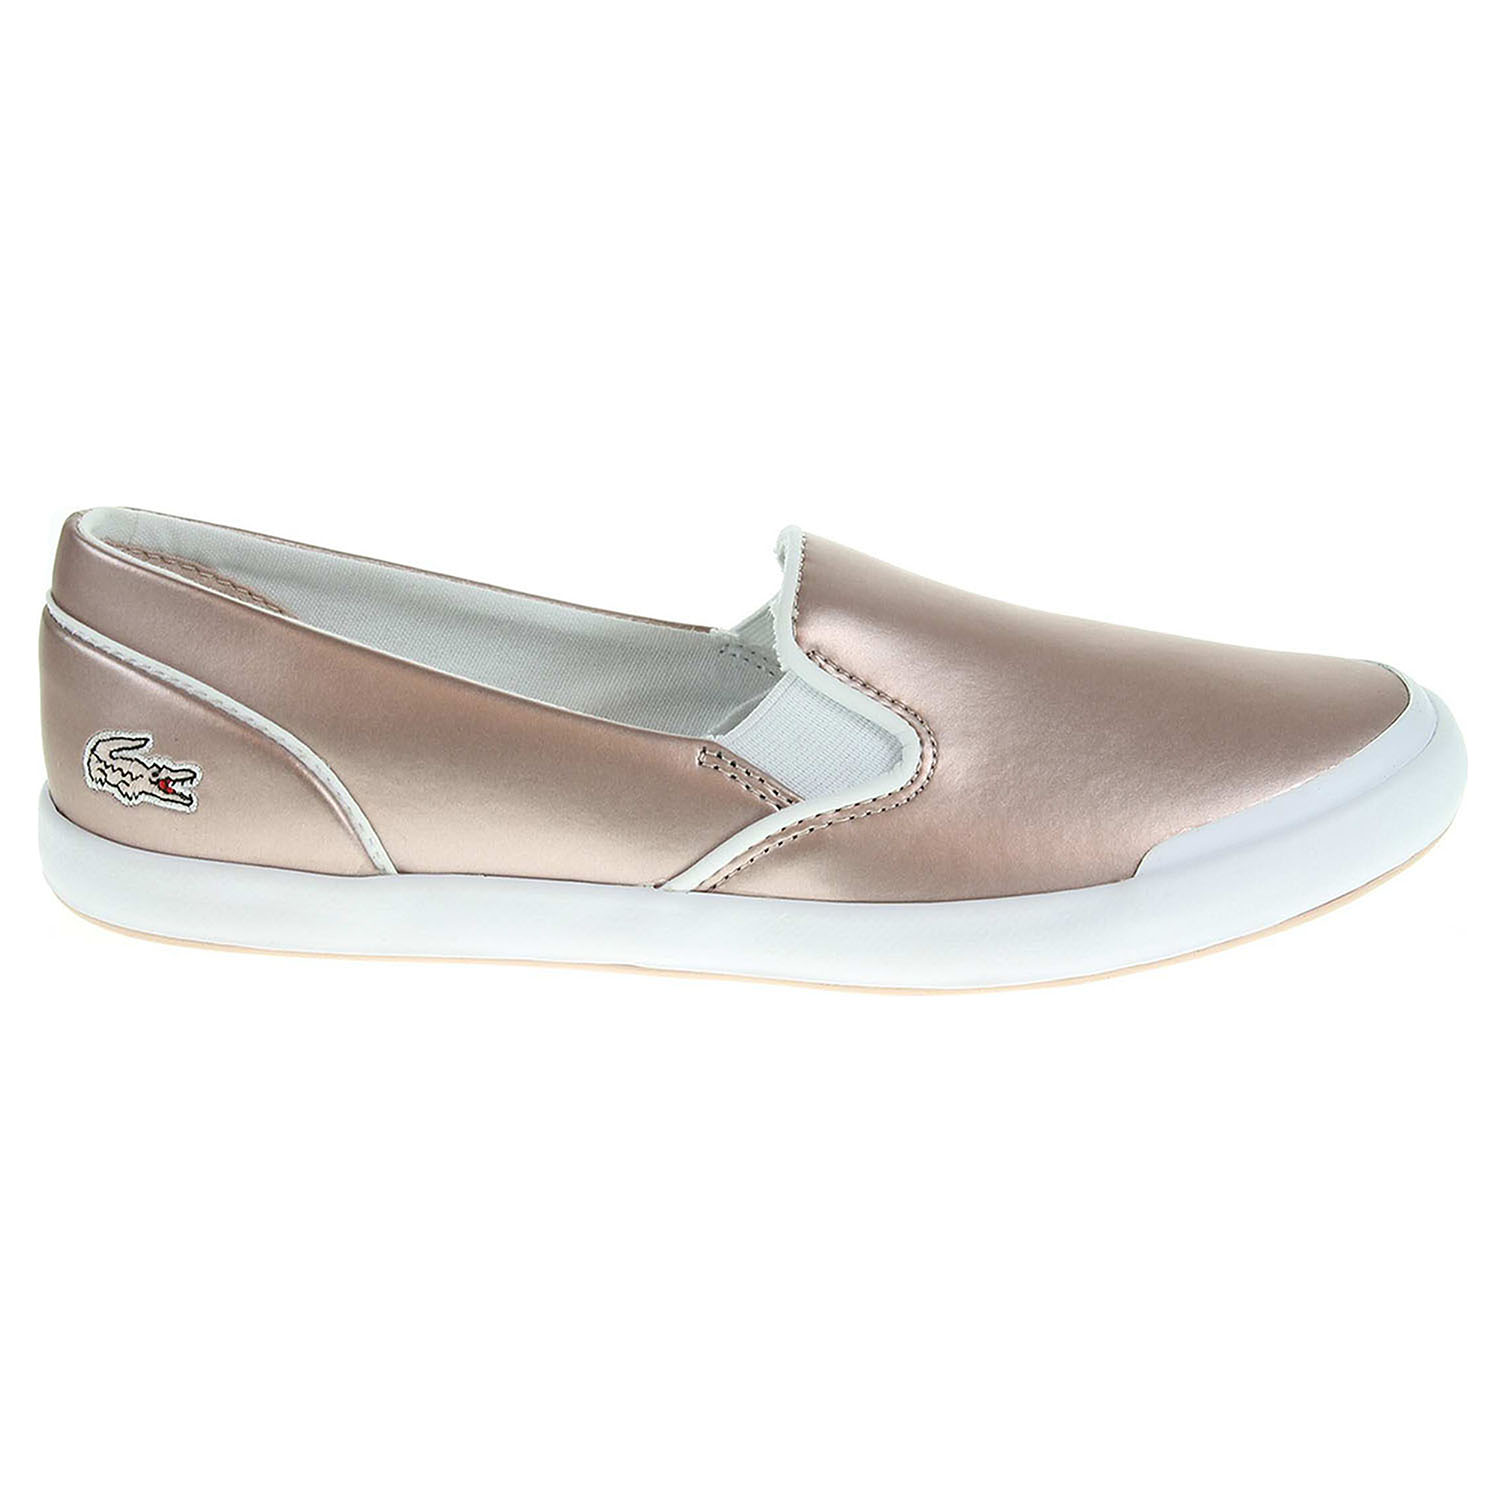 Lacoste Lancelle Slip-On dámská obuv růžová 41